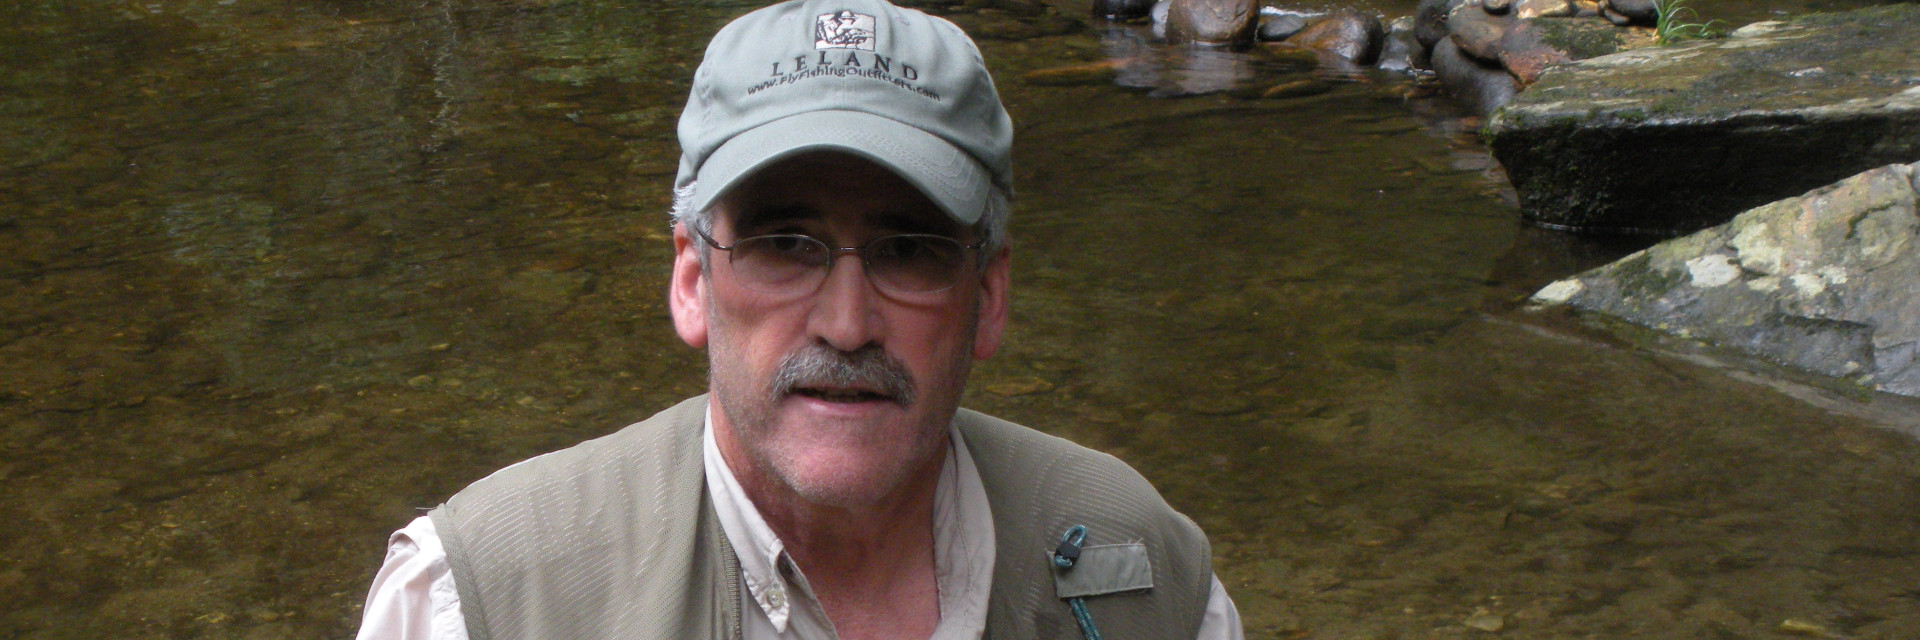 Meet Our Authors: Jim Mize